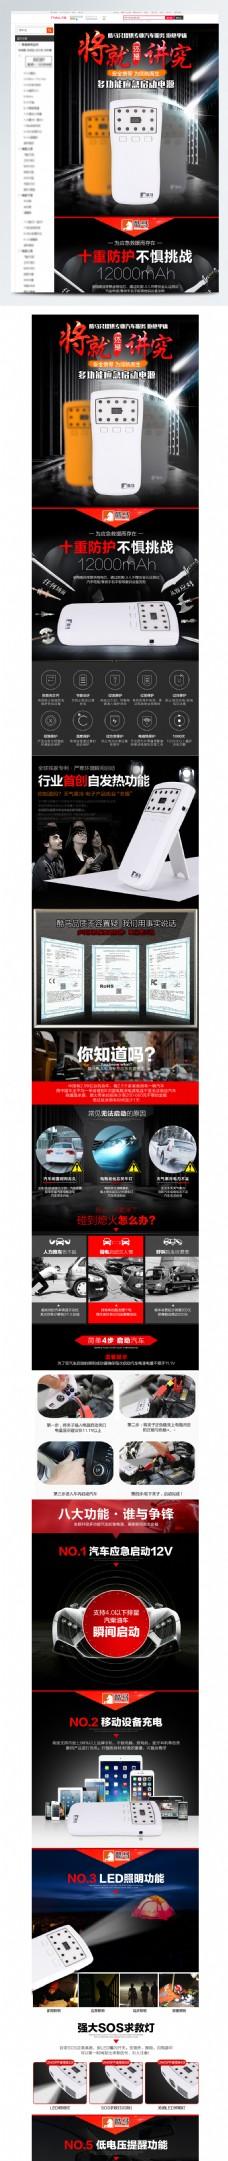 電商淘寶天貓創意遙控LED燈詳情頁模版